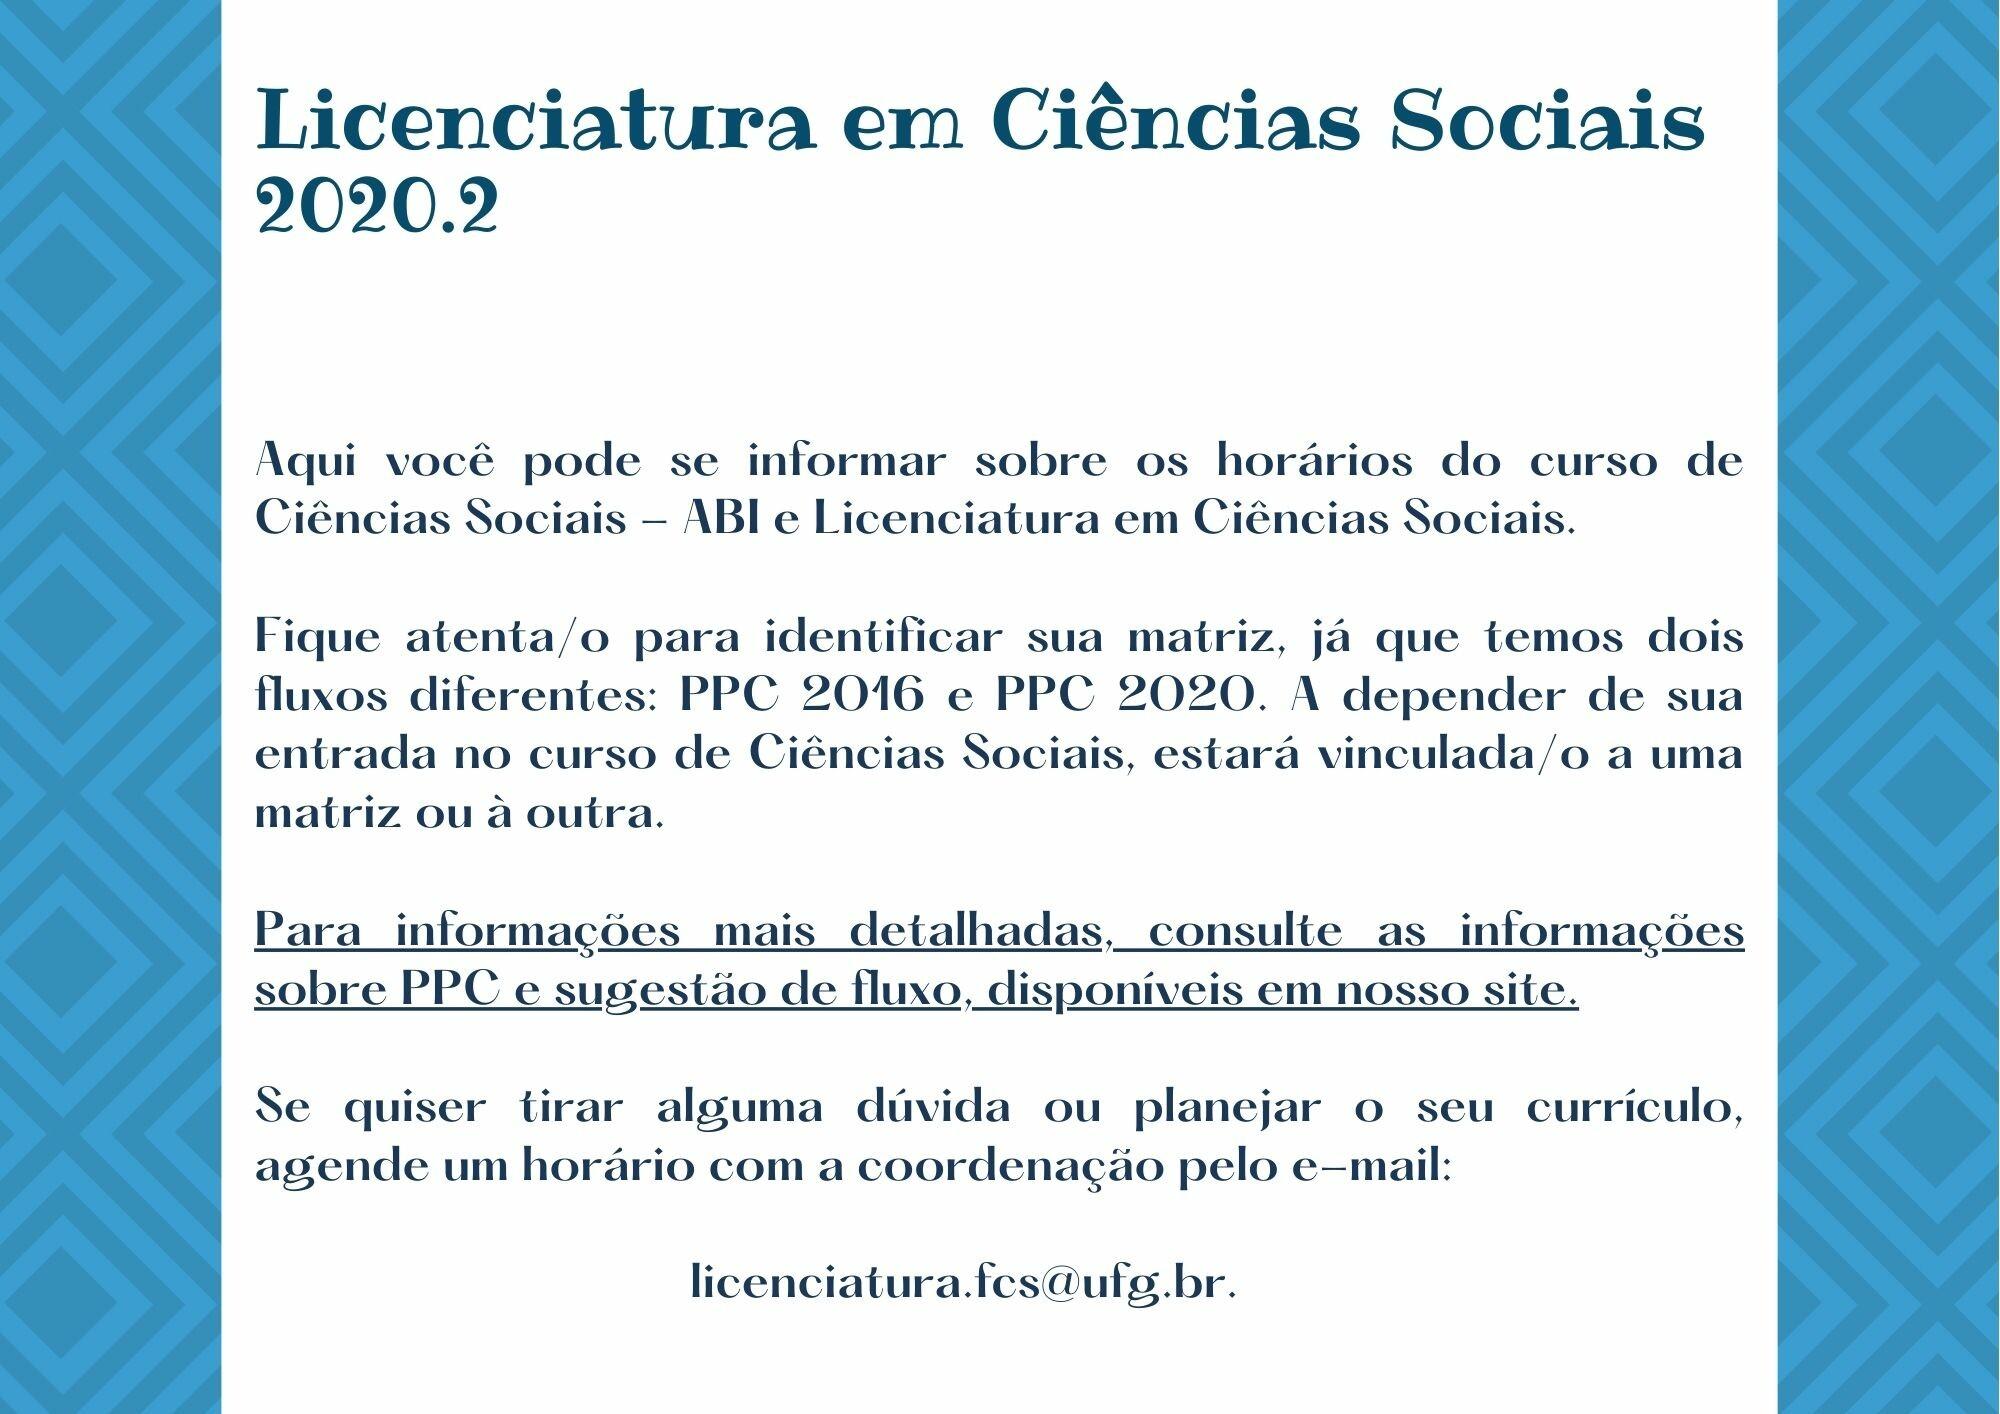 Introdução Horários Licenciatura 2020.2